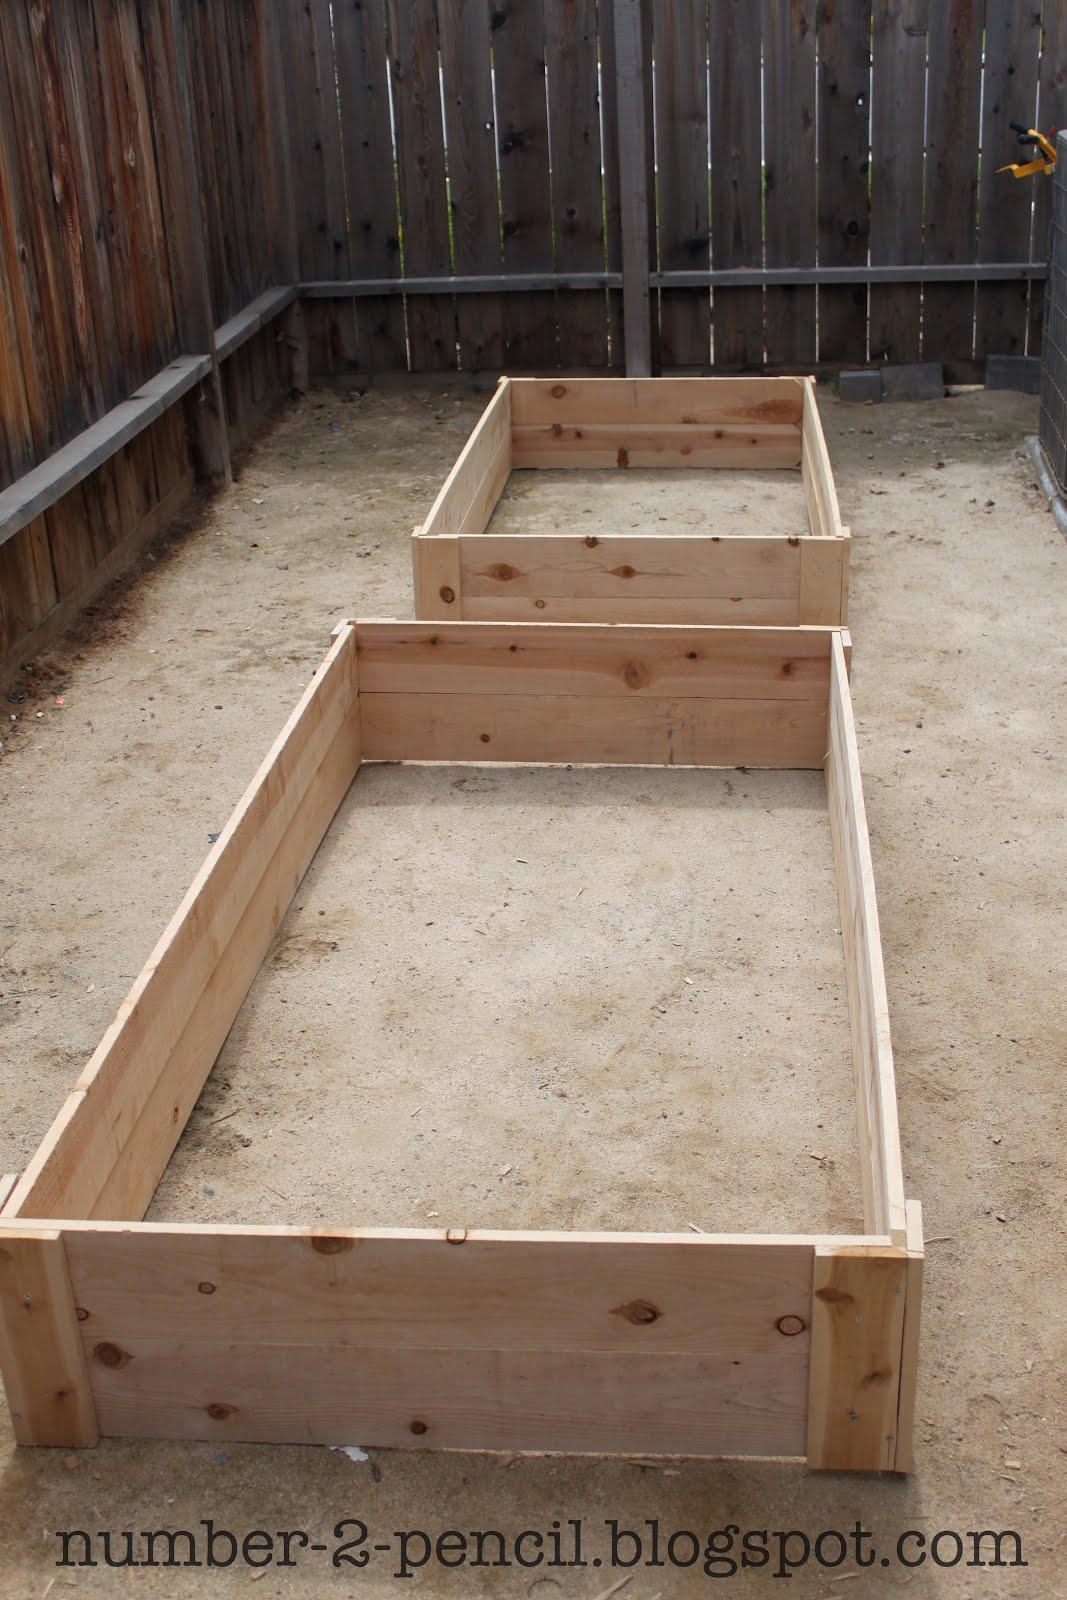 Build an Easy DIY Garden Fence - No. 2 Pencil